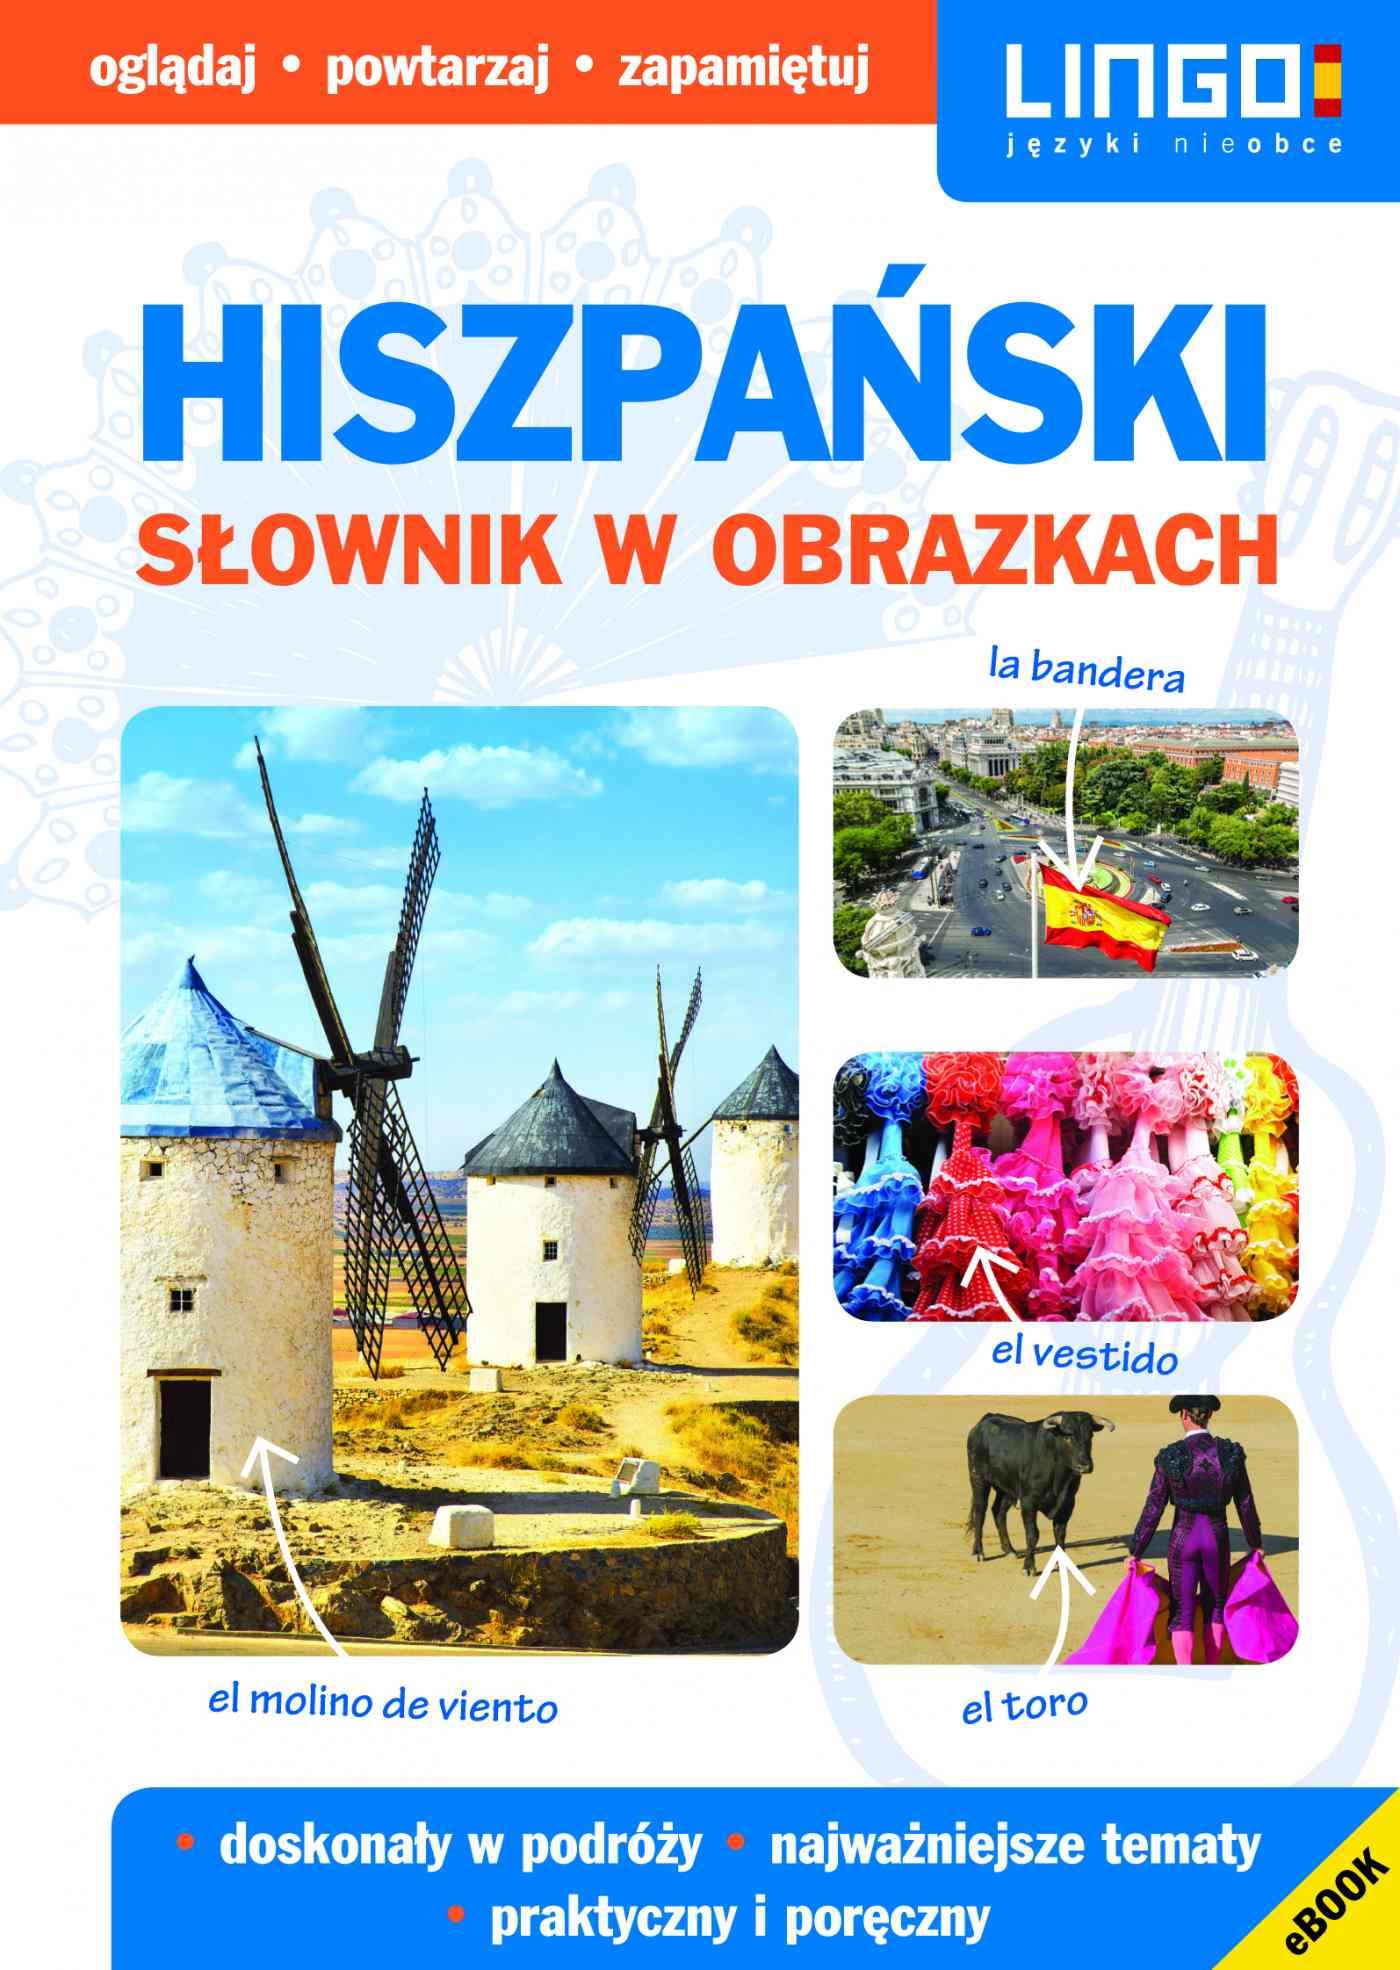 Hiszpański. Słownik w obrazkach. eBook - Ebook (Książka PDF) do pobrania w formacie PDF